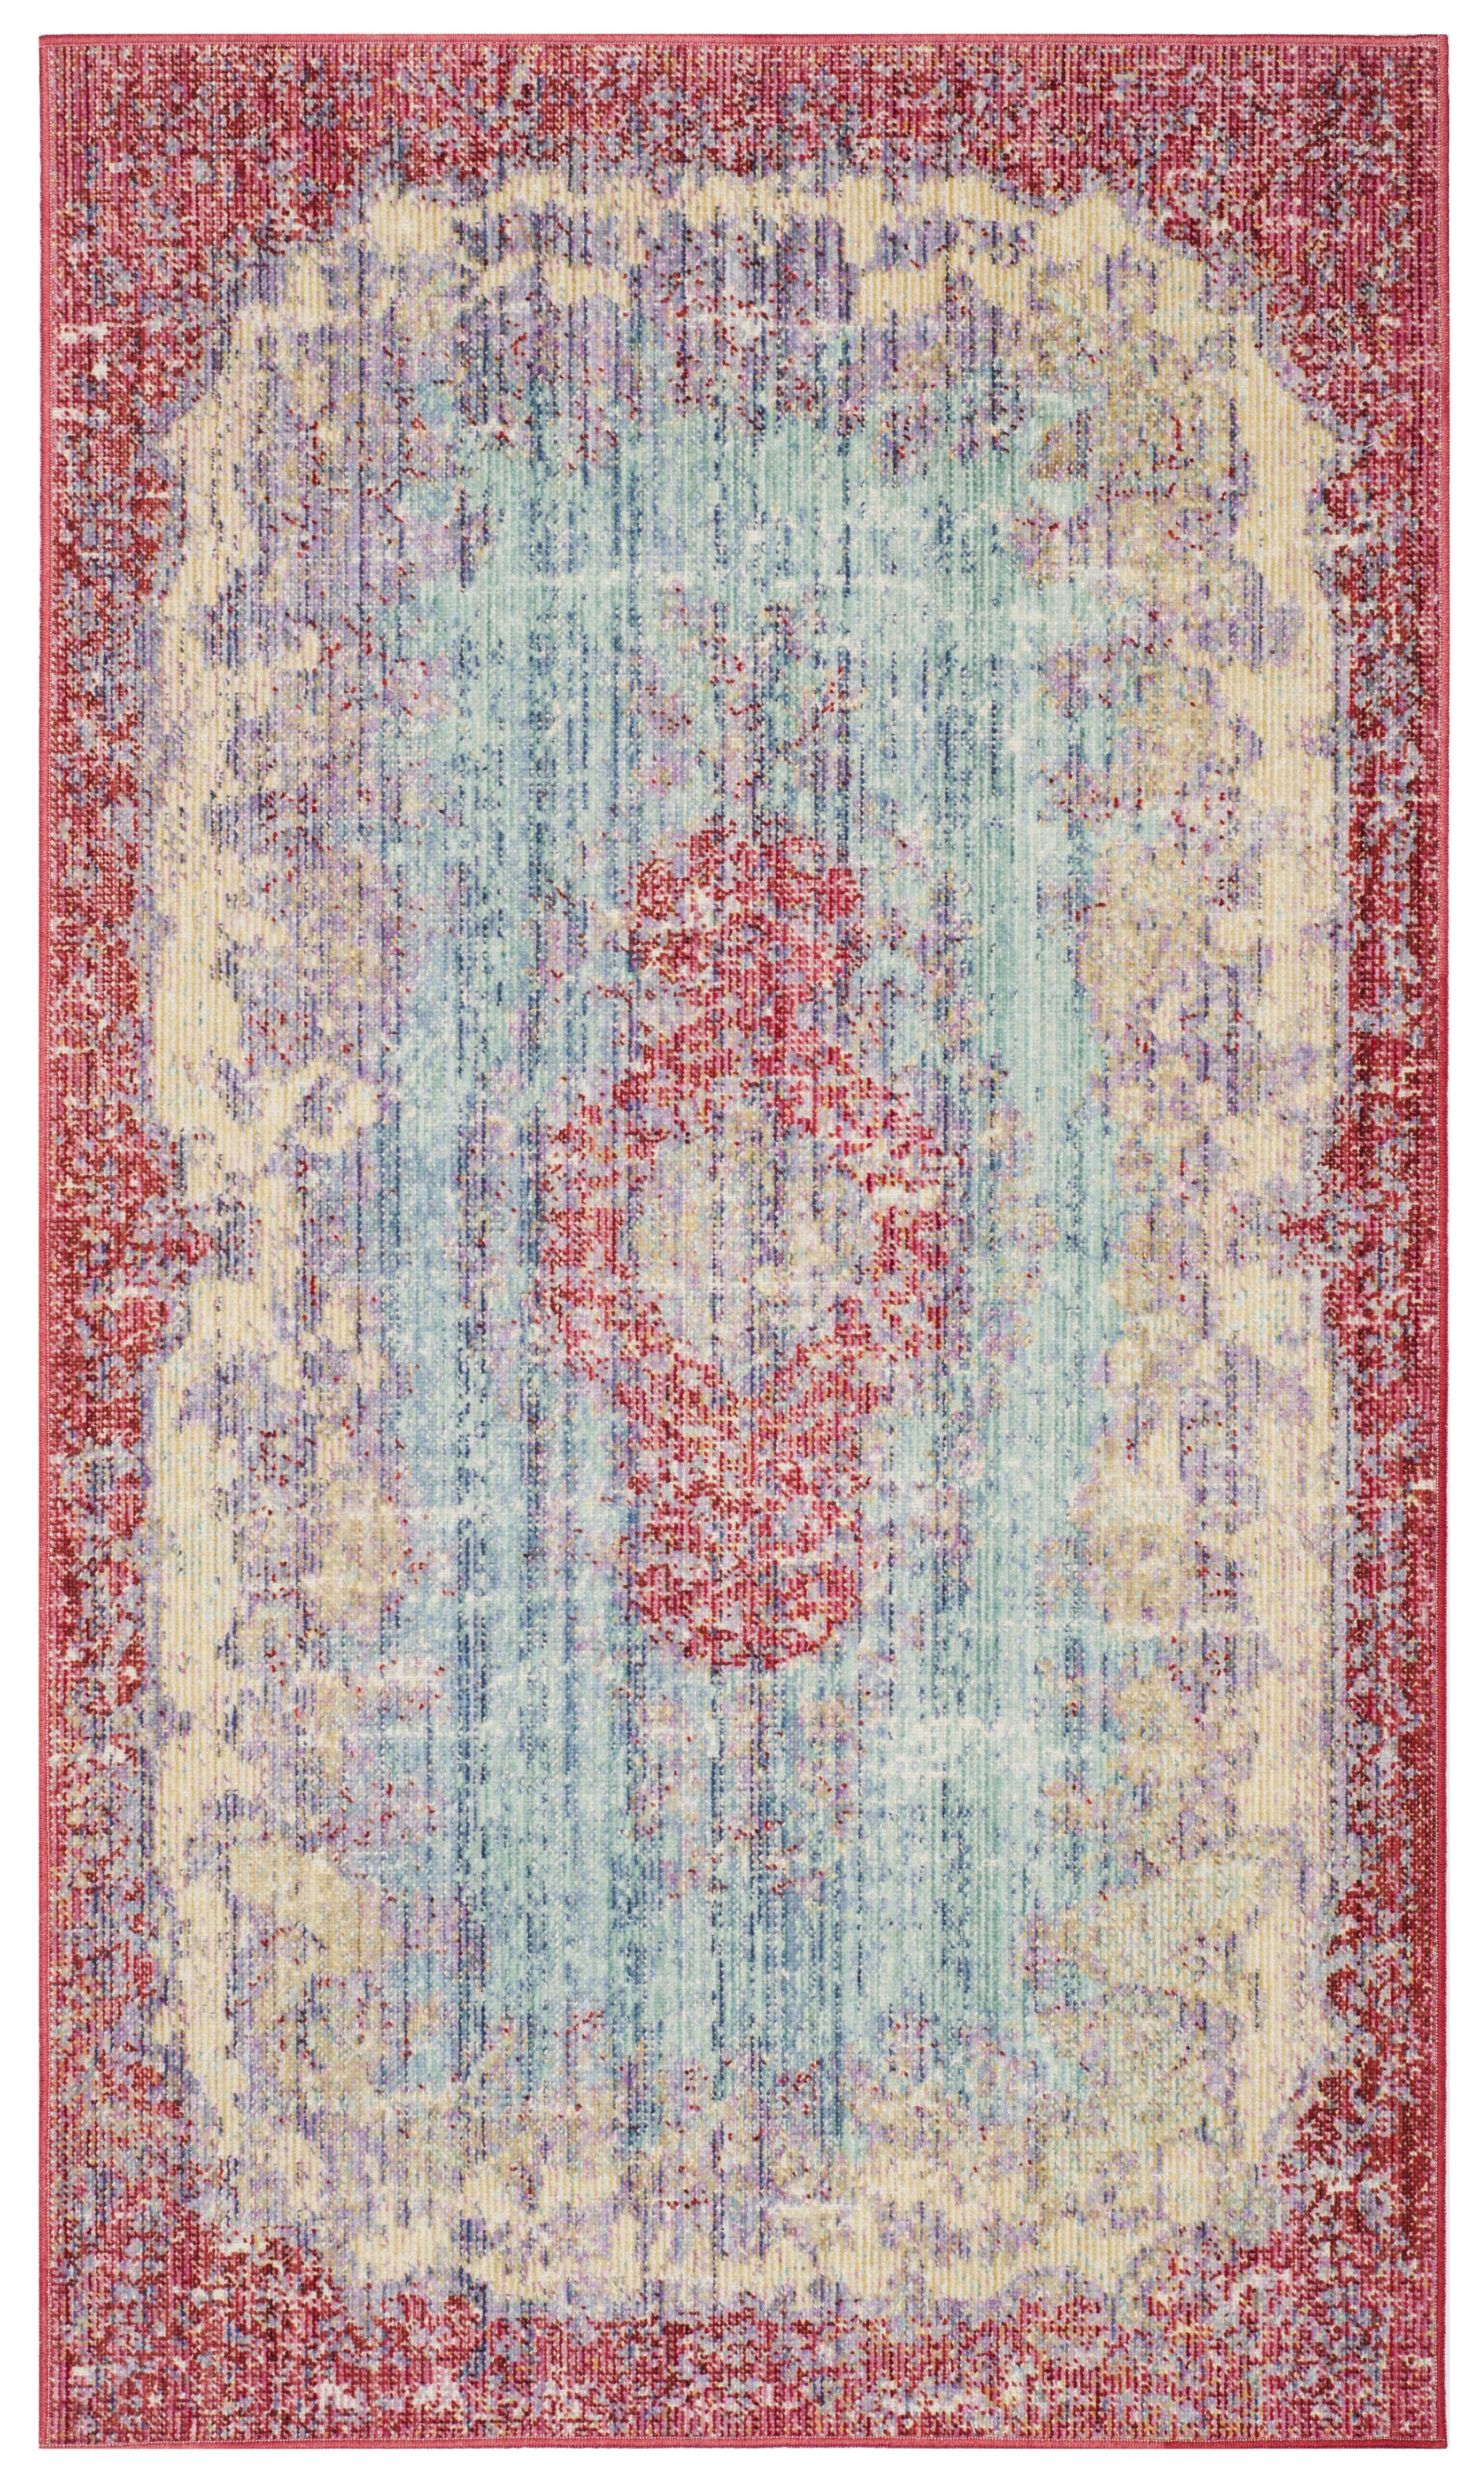 Tapis de salon d'inspiration vintage bleu clair et fuchsia 120x180